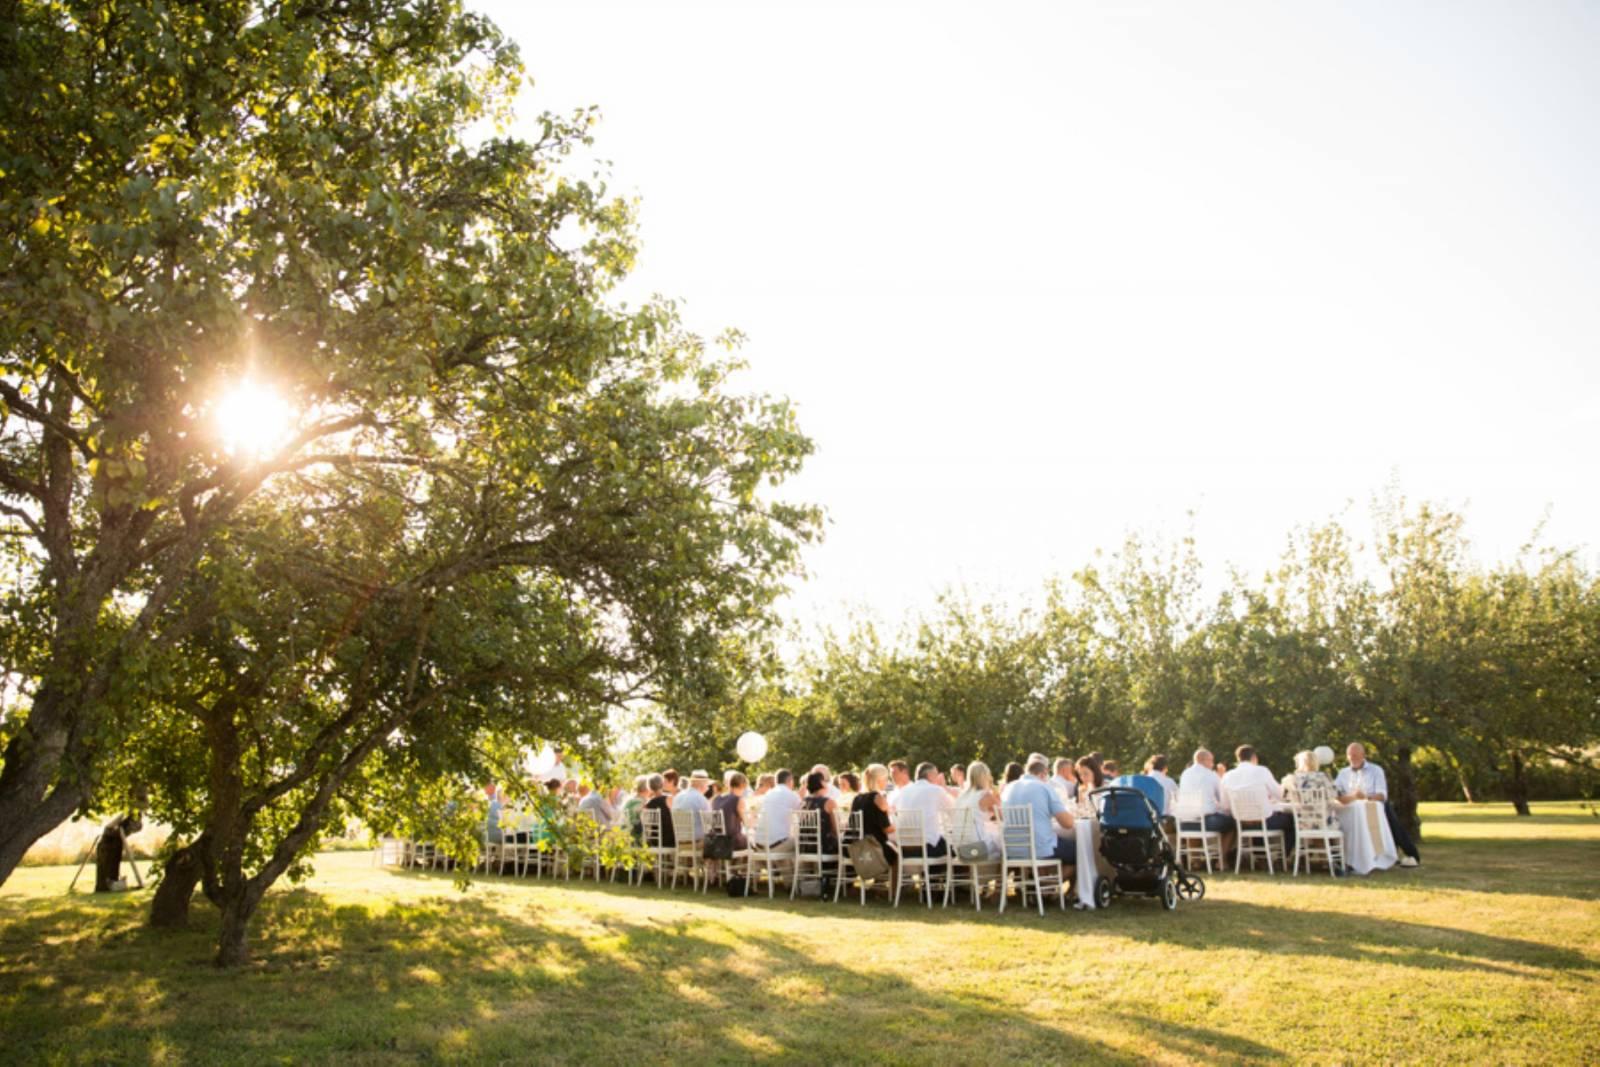 Elegant Events - Weddingplanner - Fotograaf Inge van den Broek fotografie - House of Weddings (5)